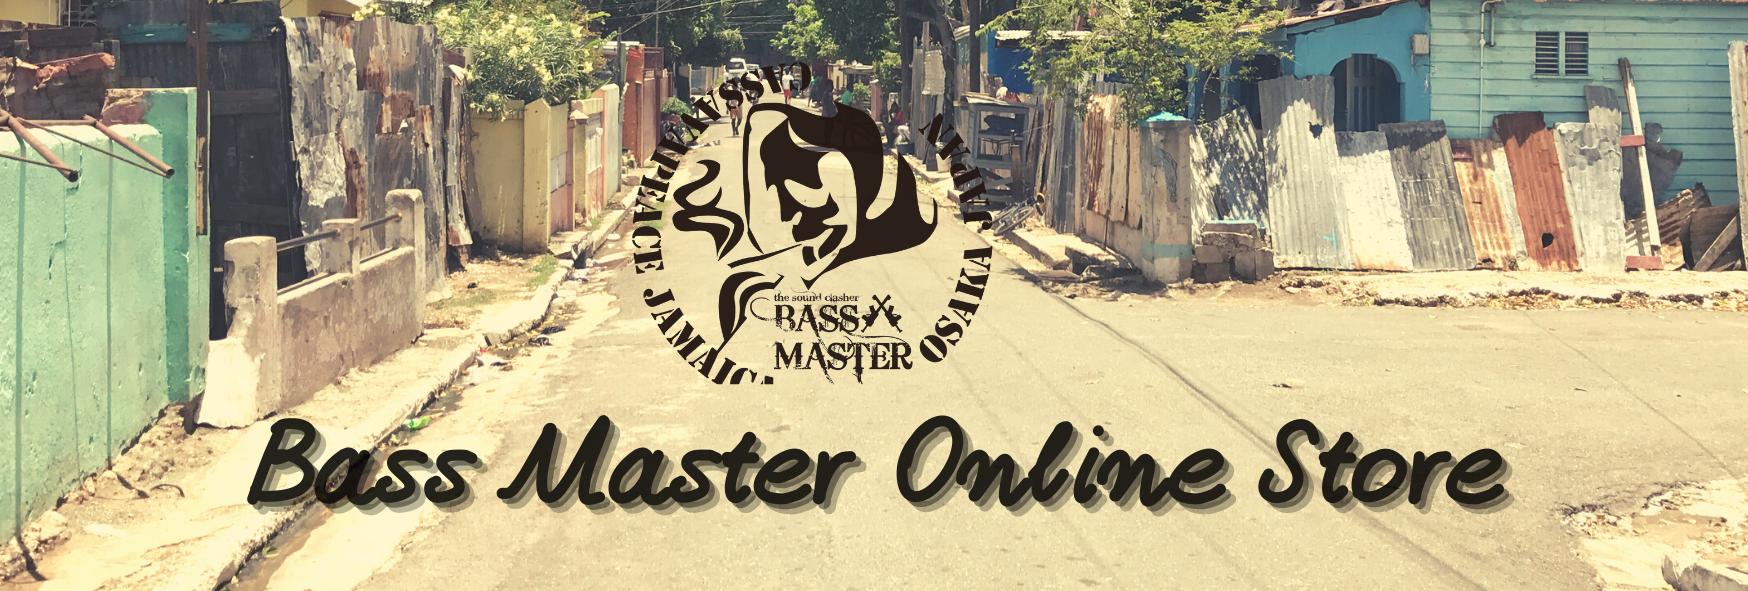 Bass Master Online Store